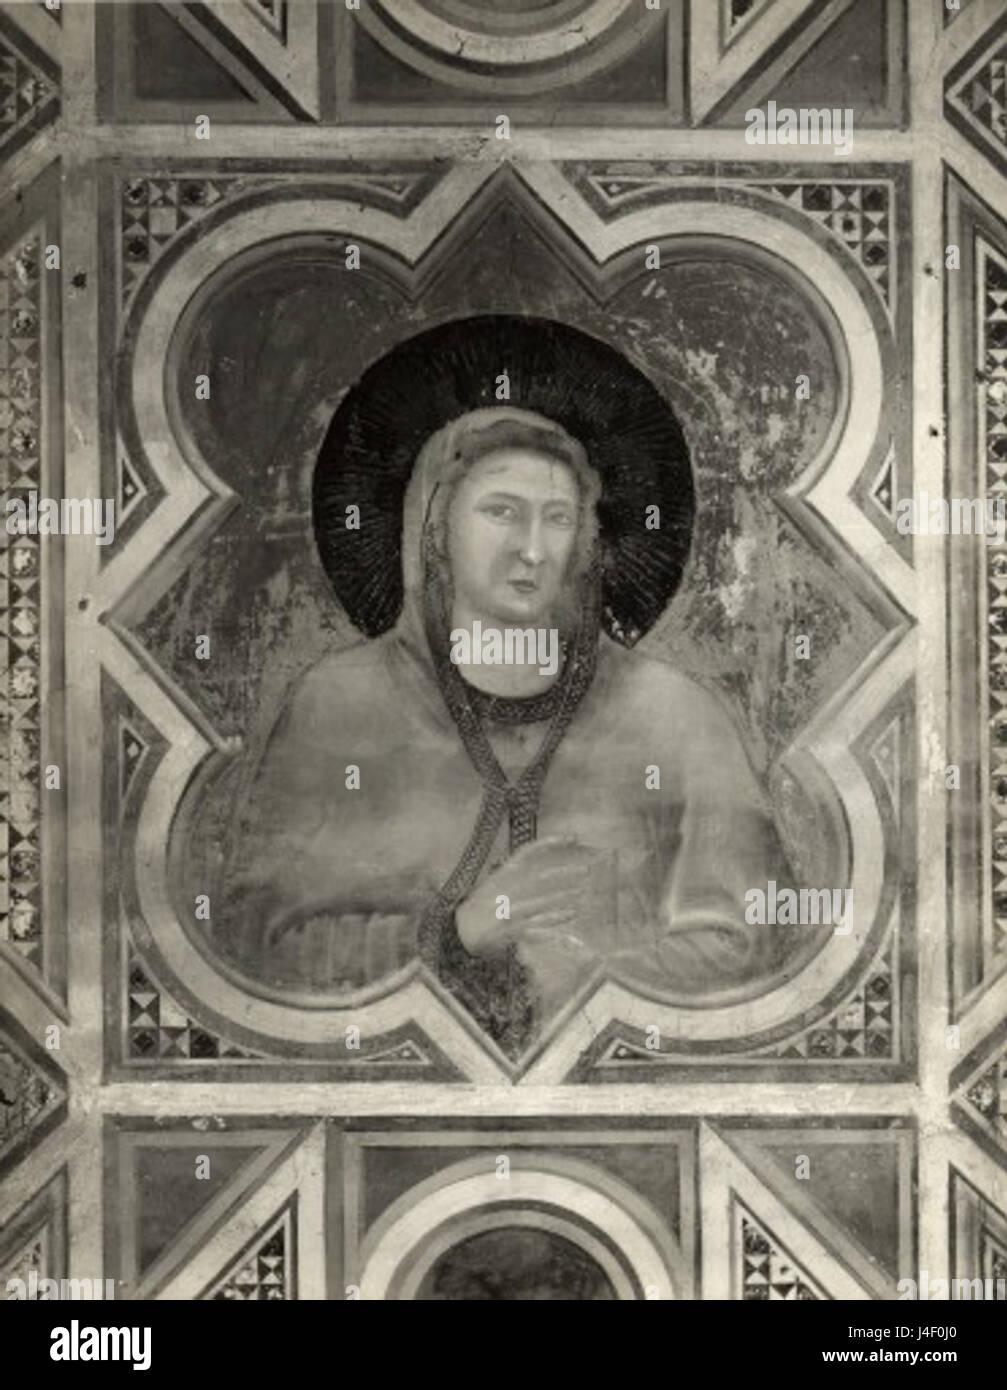 Giotto motivo decorativo 07 Immagini Stock